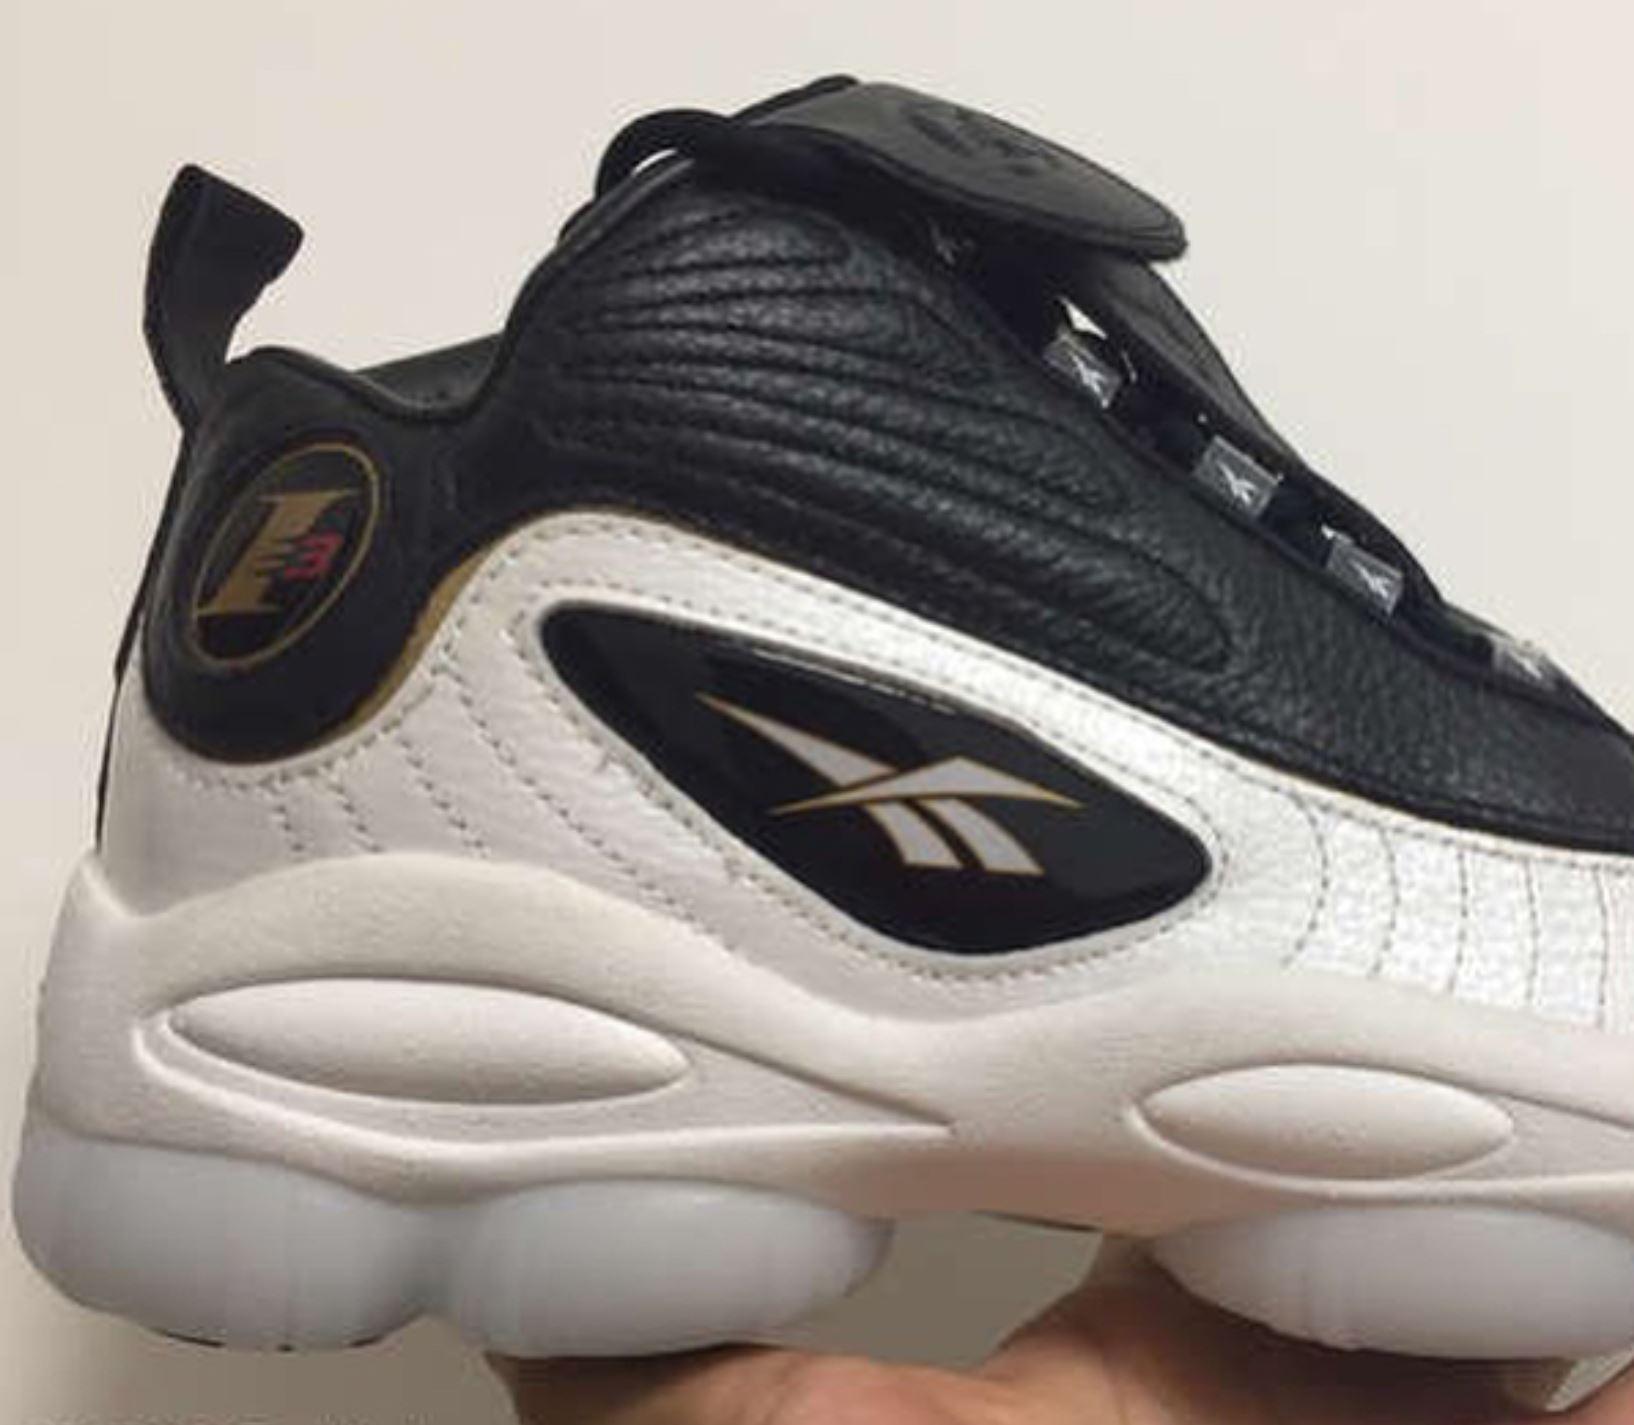 8303abd09d4c Buy allen iverson basketball shoes